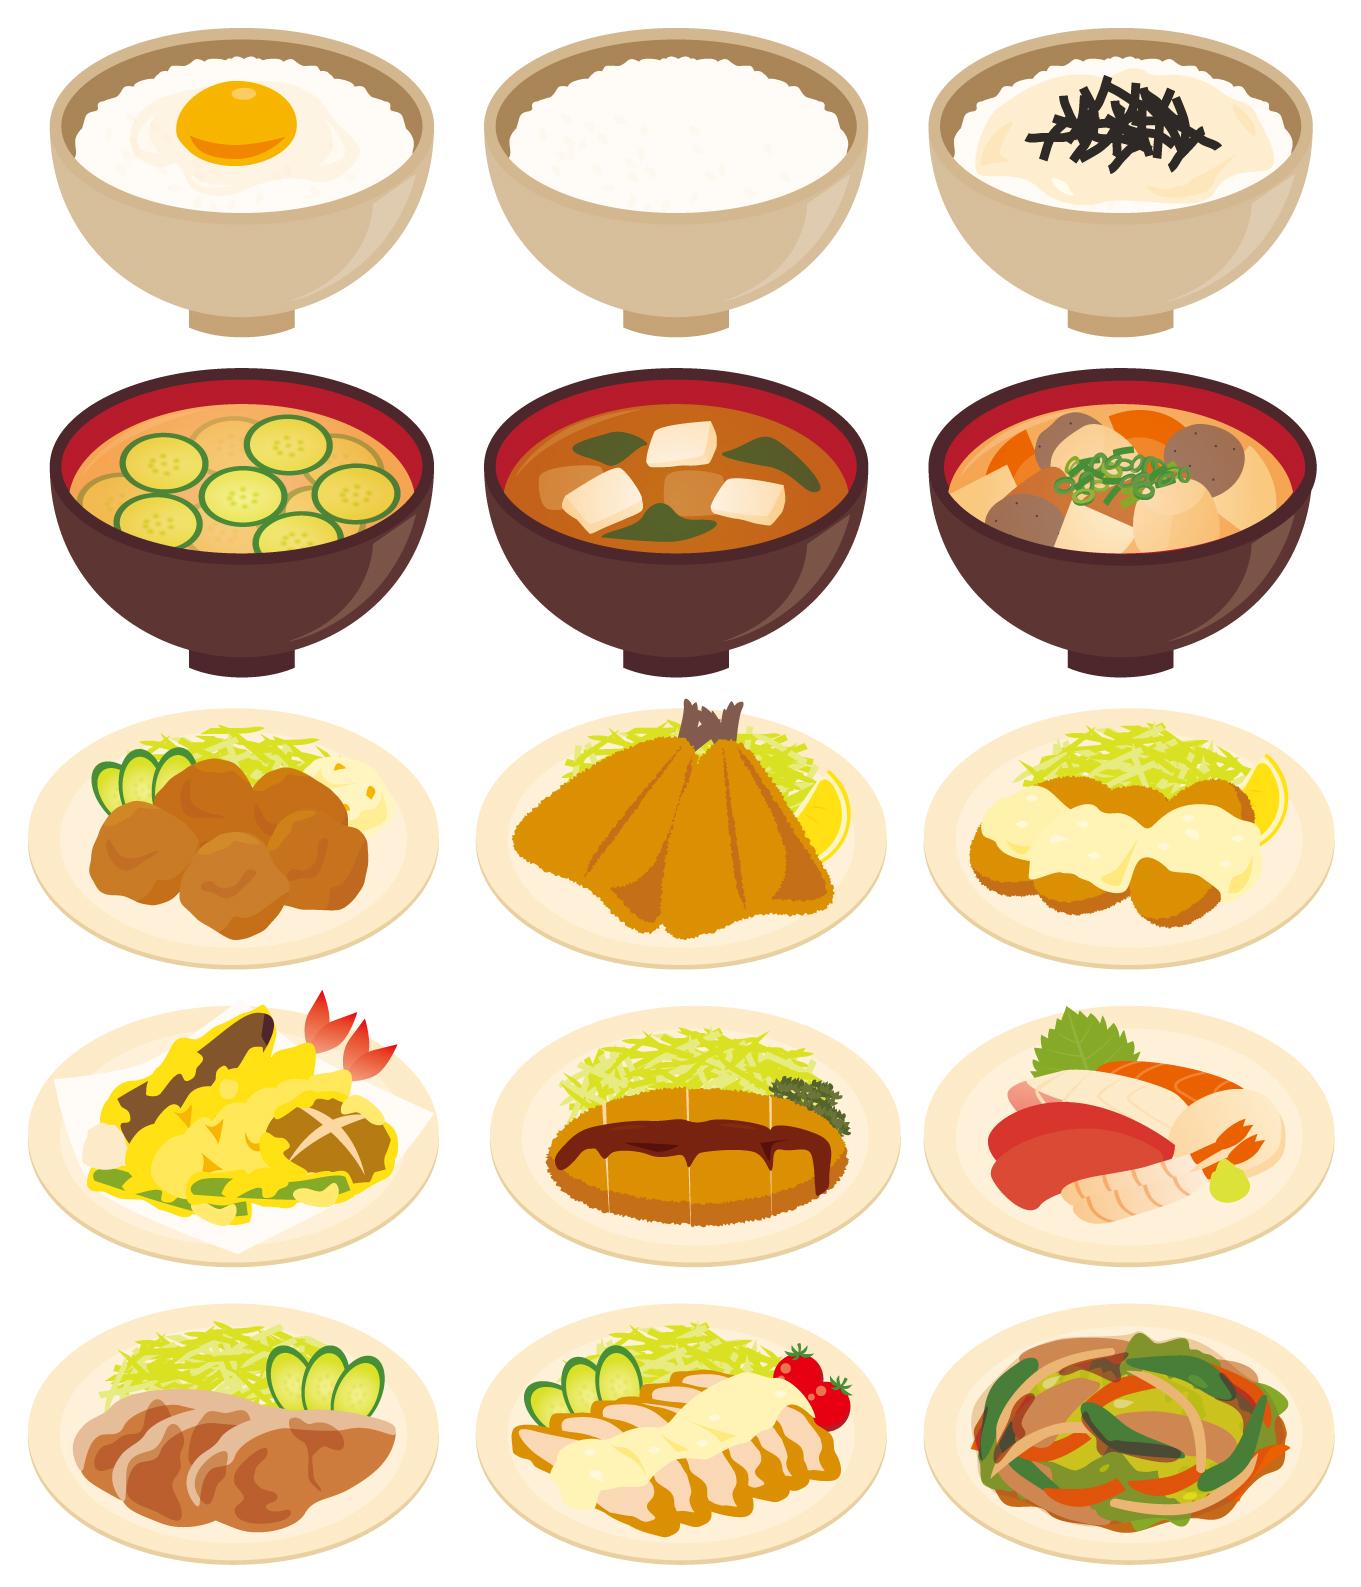 食べ物や食べ方が分からなくなった認知症女性に対する対応